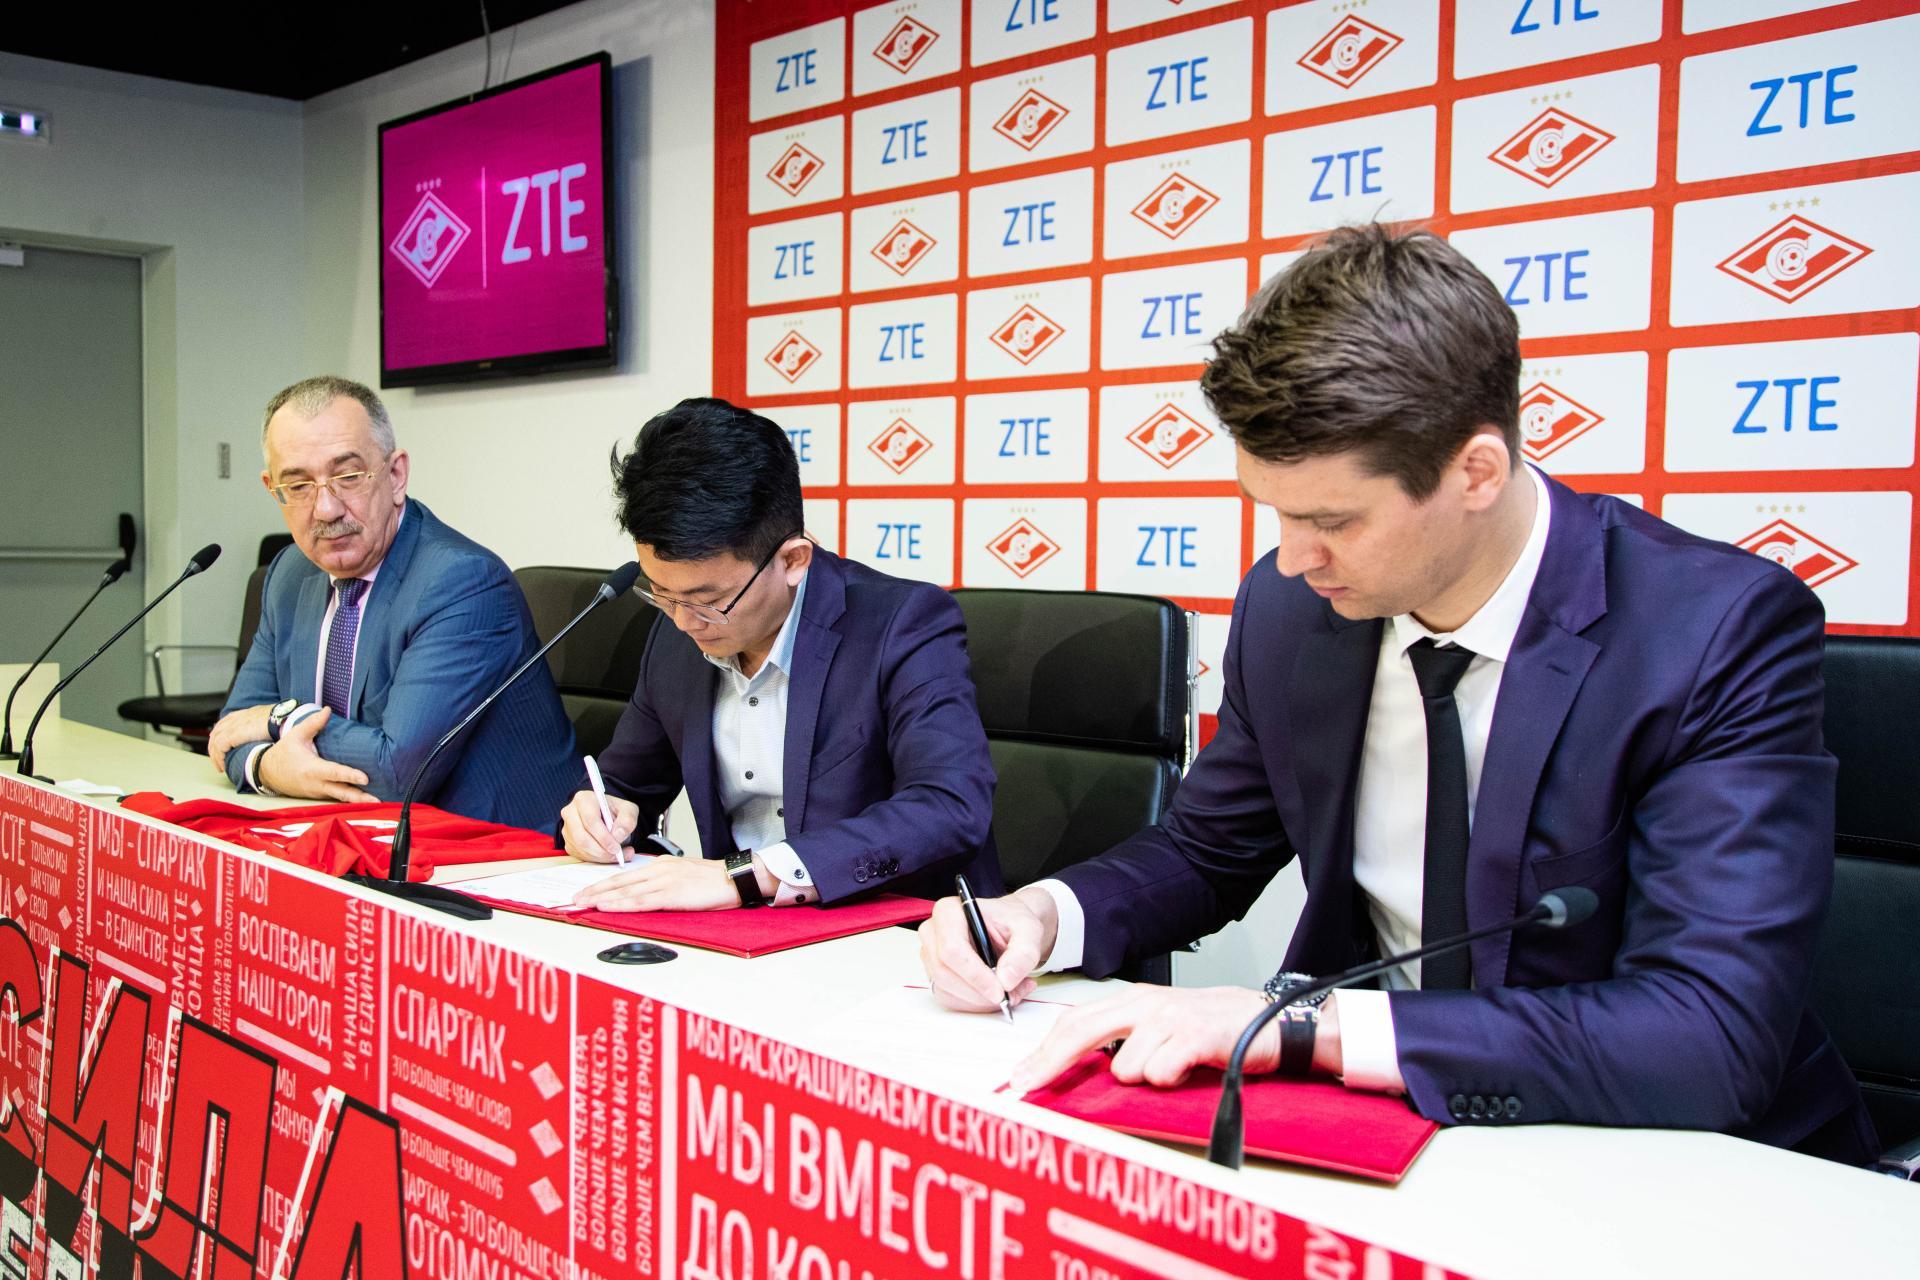 Подписание договора осотрудничестве между ZTE иСпартак-Москва